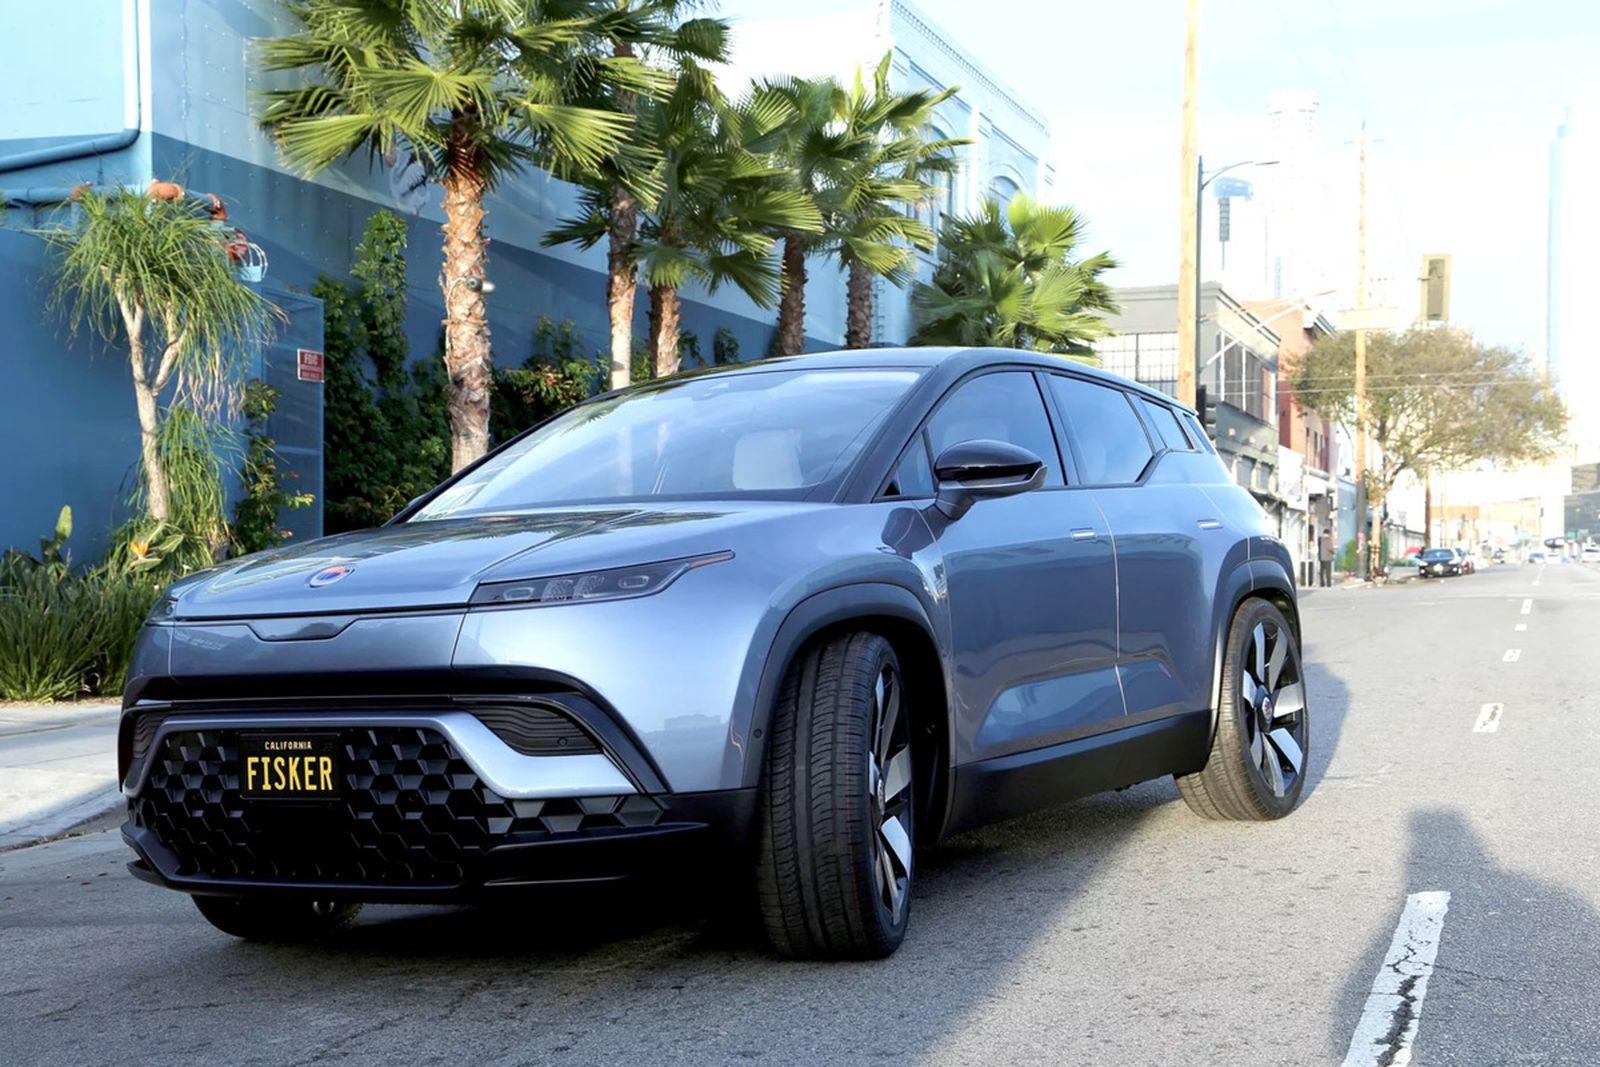 ces-2020-electric-cars-Fisker